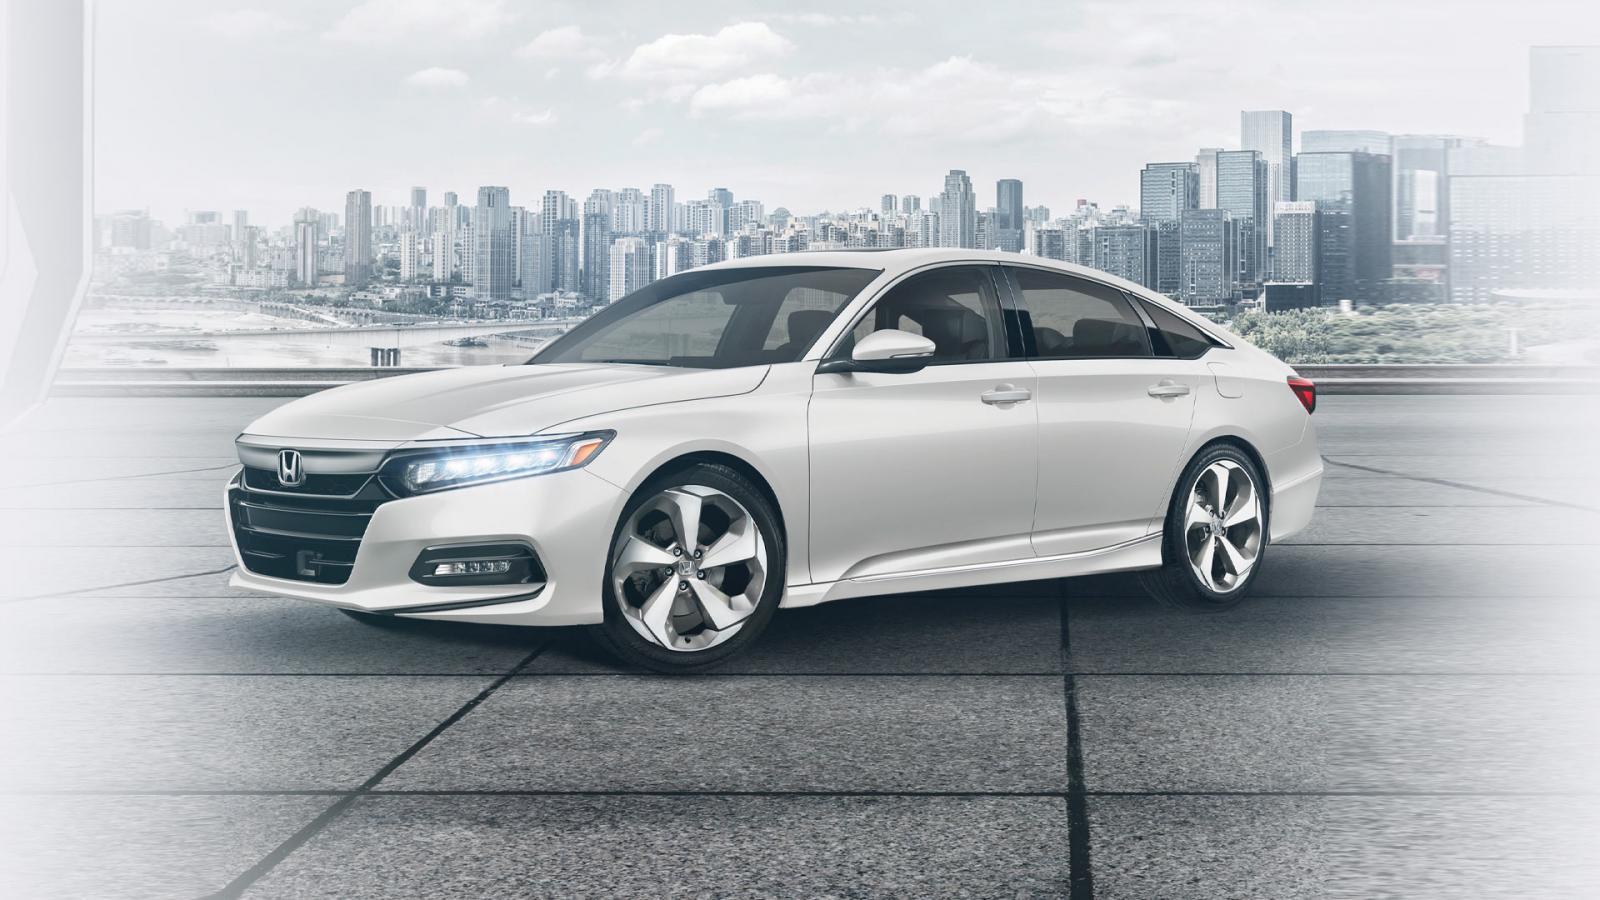 El Honda Accord Touring 2020 inspira confianza